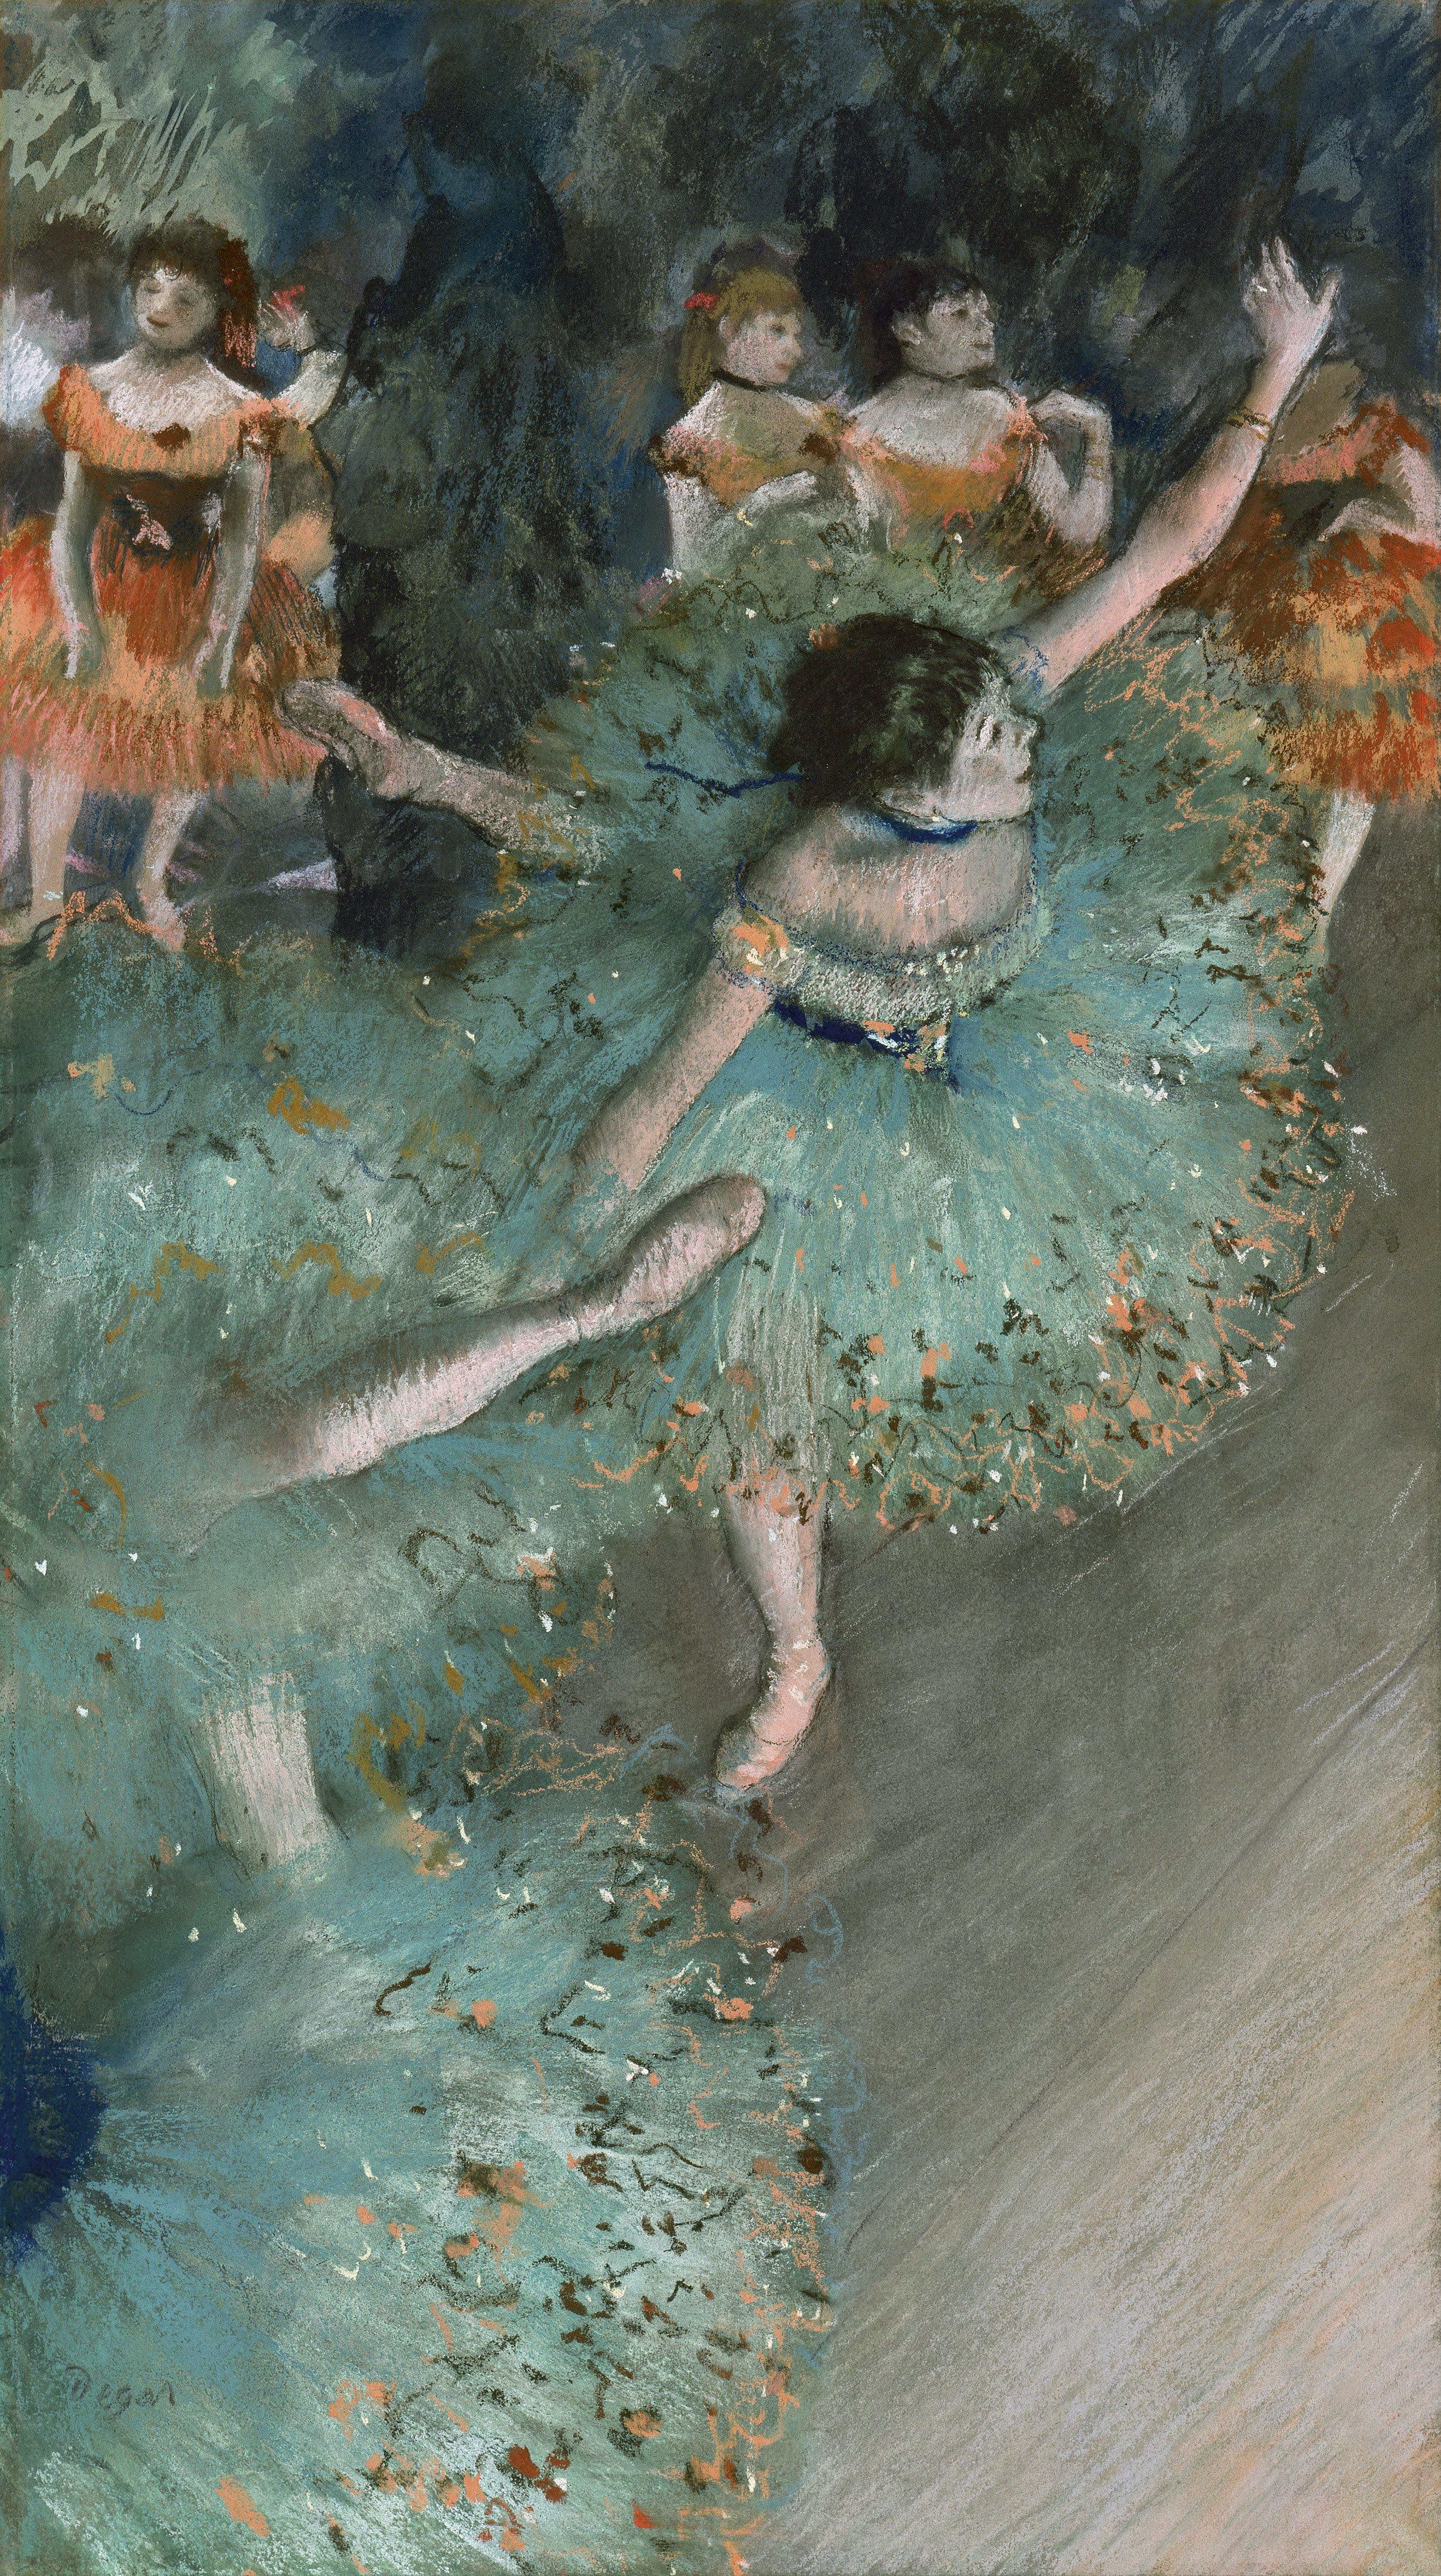 9. Bailarinas